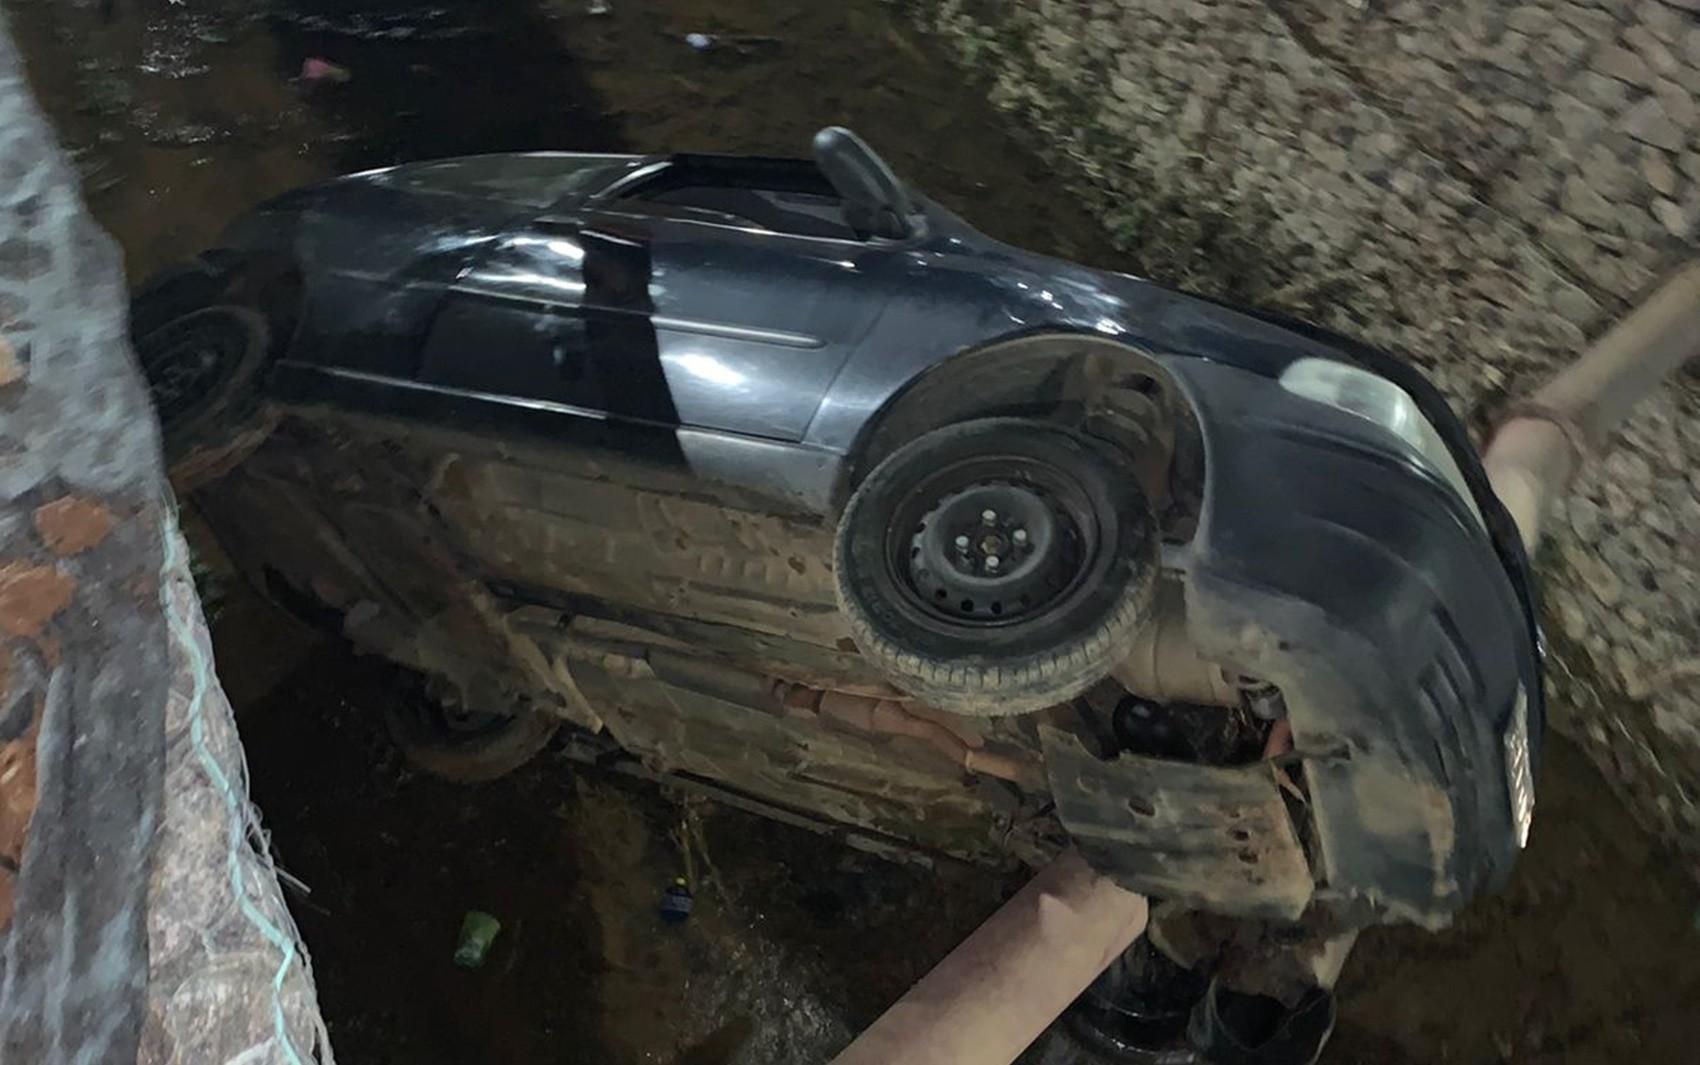 Motorista perde controle, capota e carro cai dentro de córrego, perto do shopping de Varginha, MG